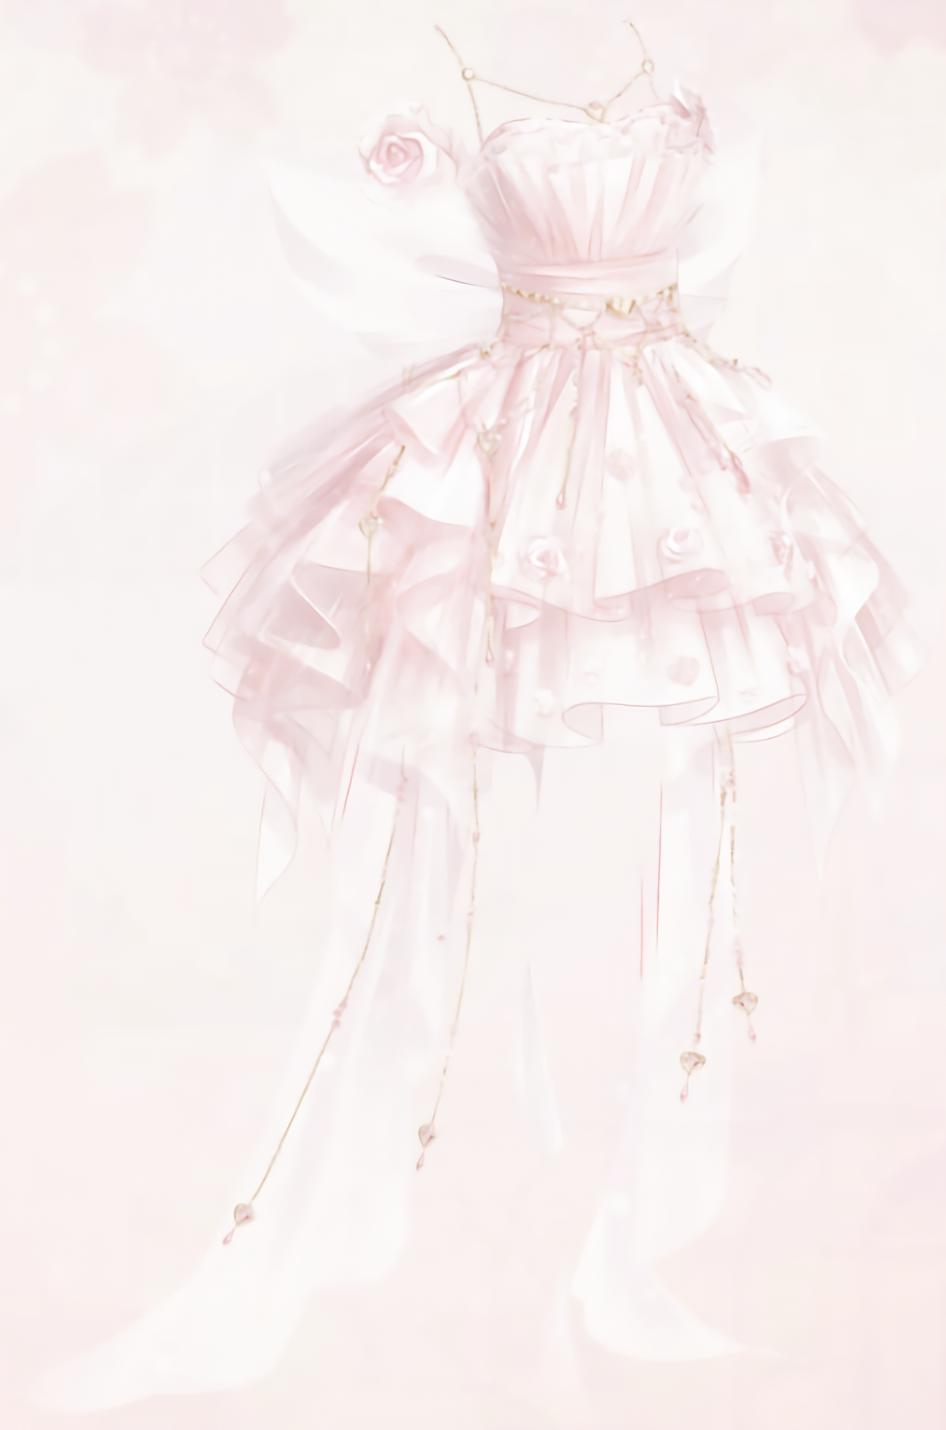 Kimi's Design